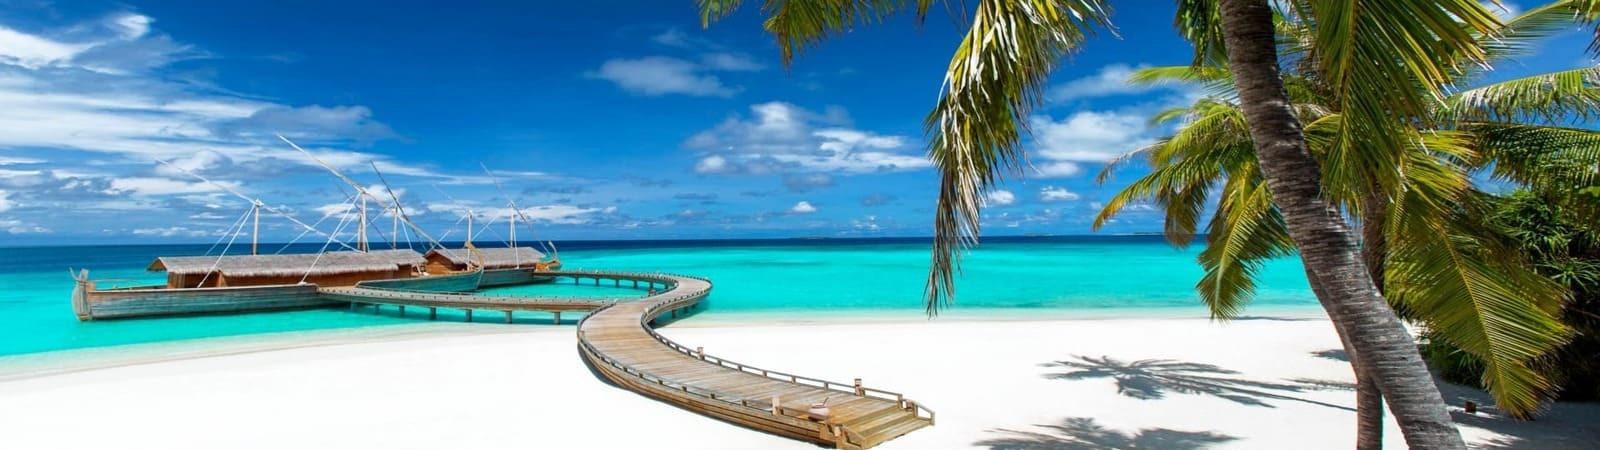 Malediven Beste Reisezeit und Klima 2021